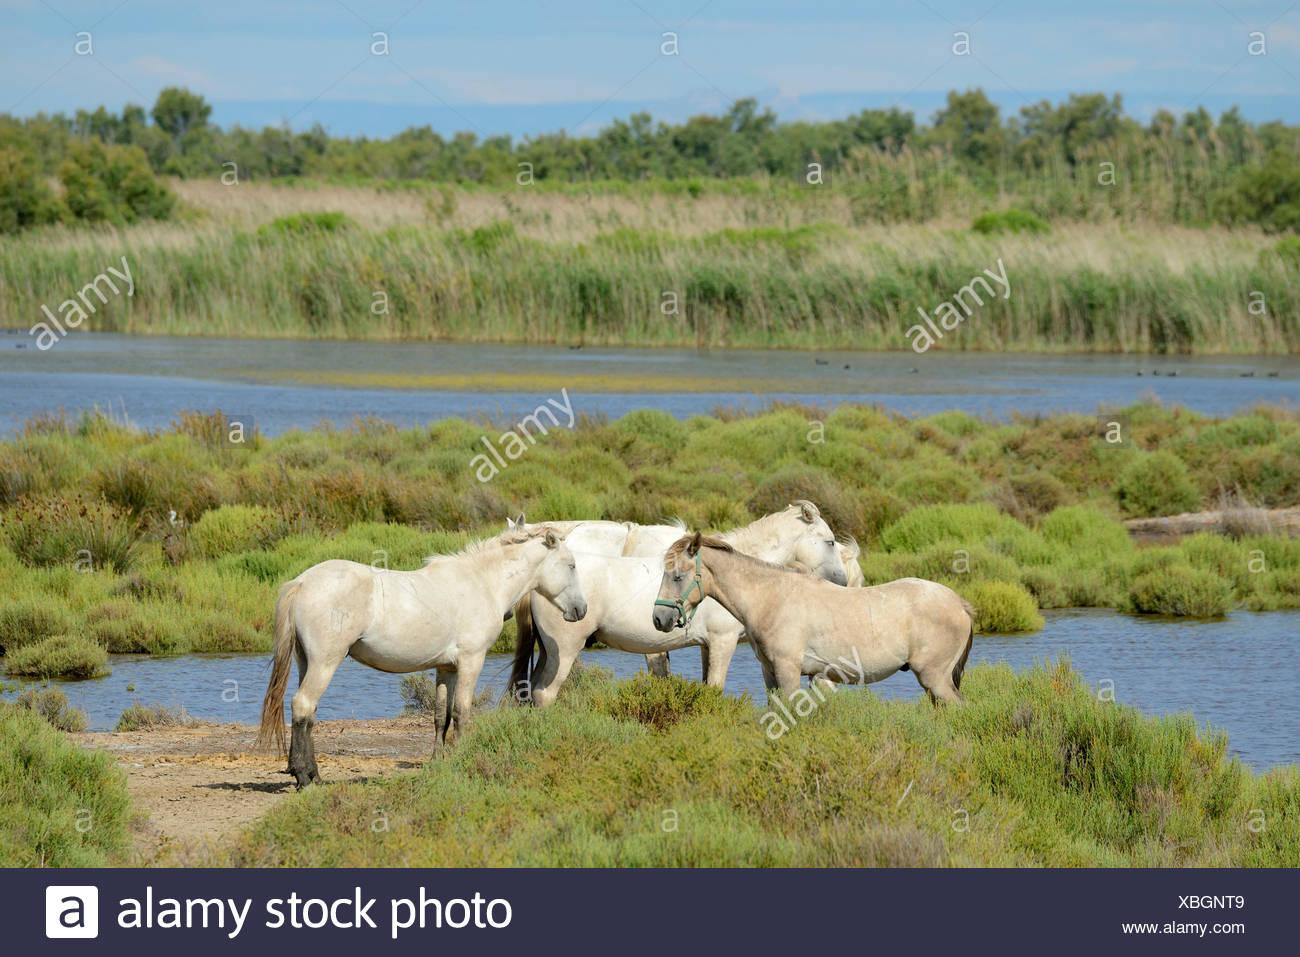 Europe, France, Languedoc- Roussillon, Camargue, horses, wetland, wildlife, animal, white horses - Stock Image